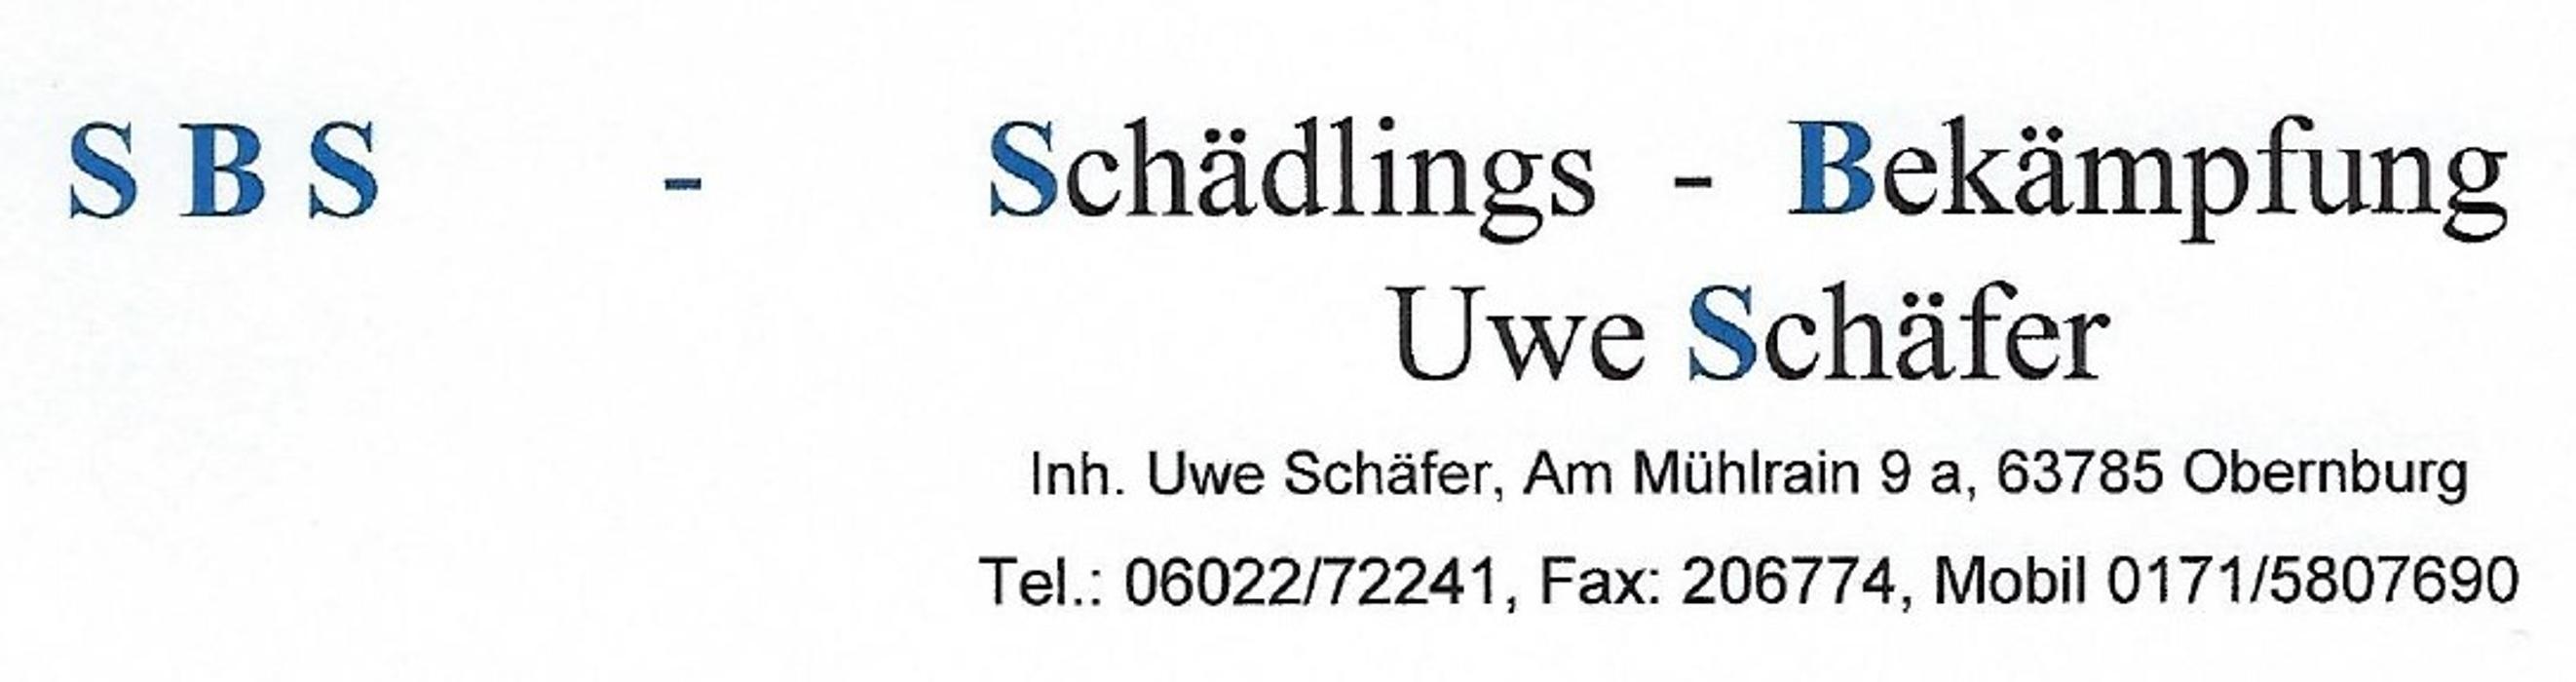 Bild zu SBS - Schädlings-Bekämpfung Uwe Schäfer, Inh. Uwe Schäfer in Obernburg am Main